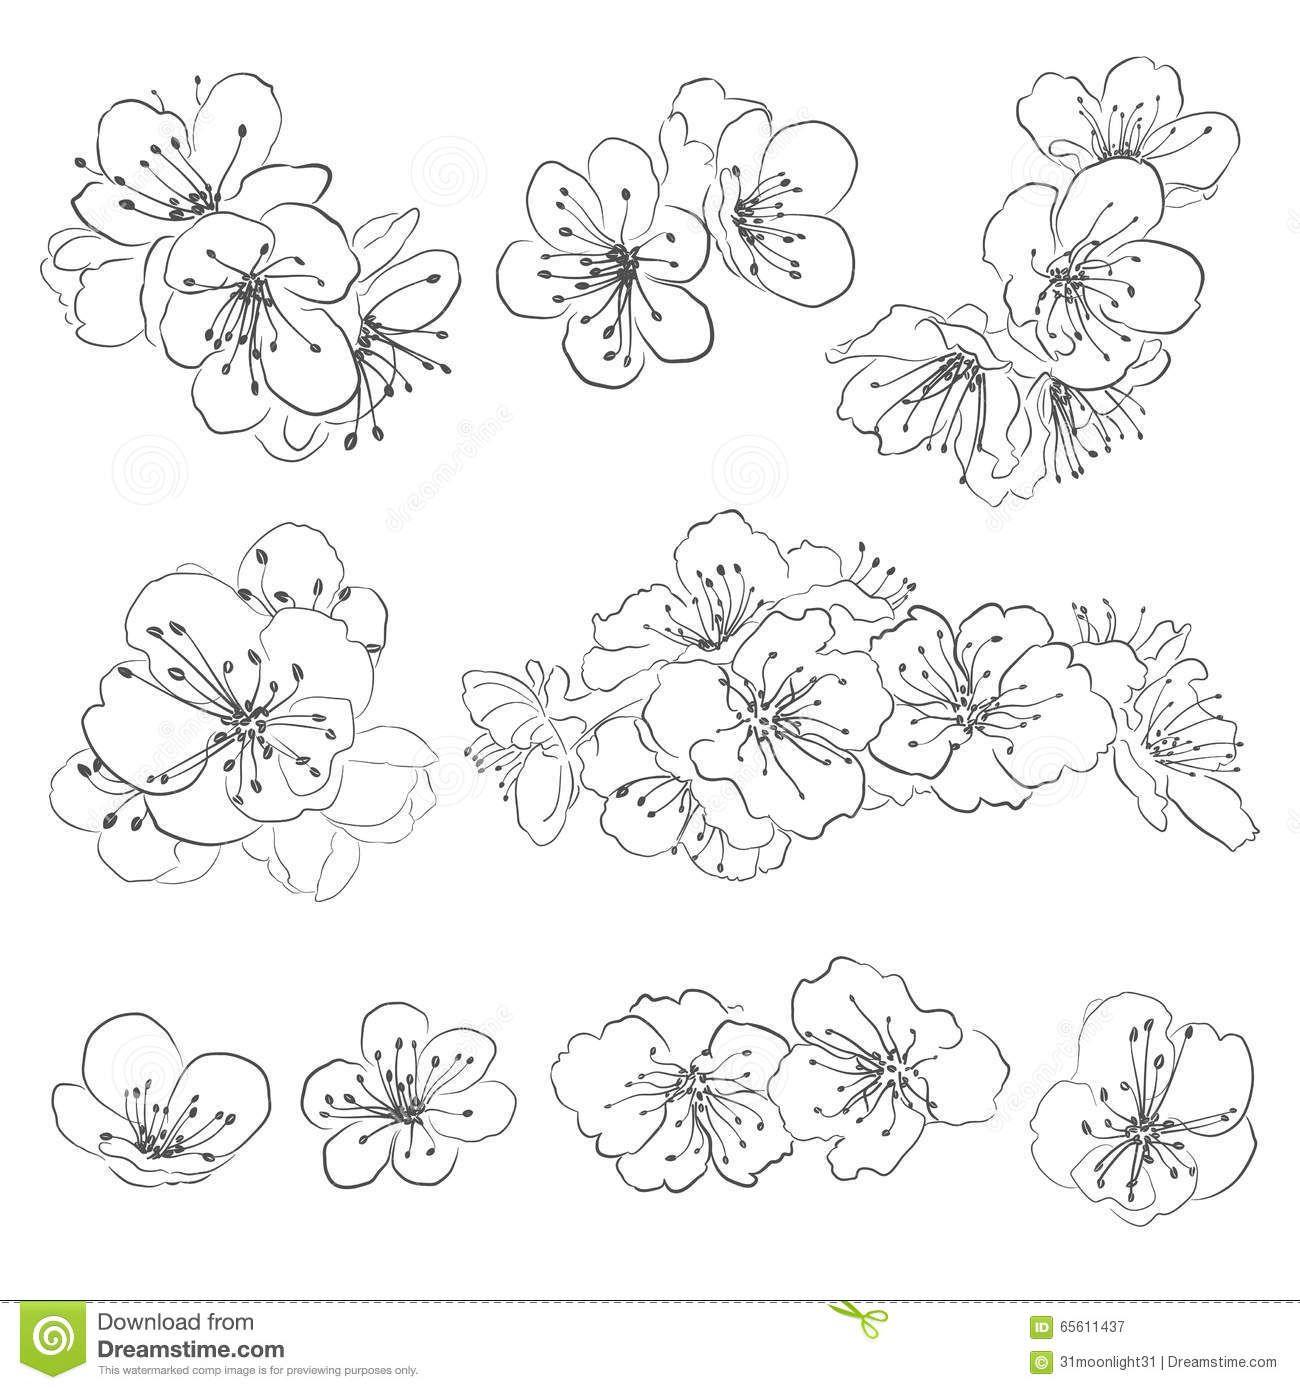 Ensemble de fleurs de cerisier de dessin t l charger - Dessin fleur de cerisier ...